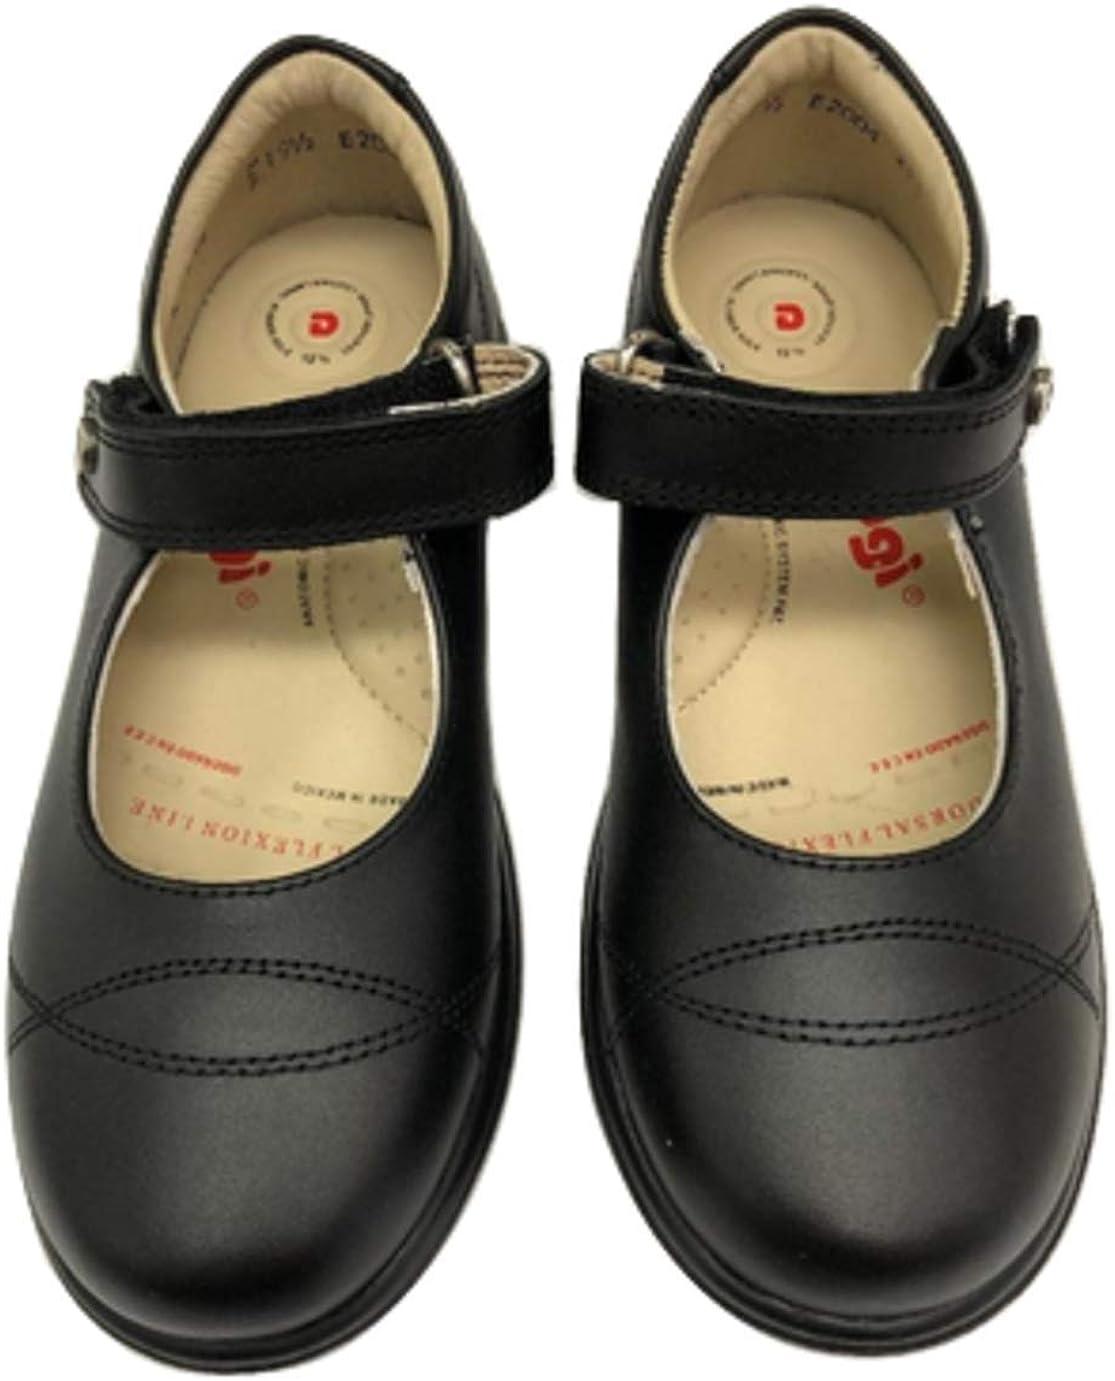 DOGI Girls Black Mary Jane Shoes Size